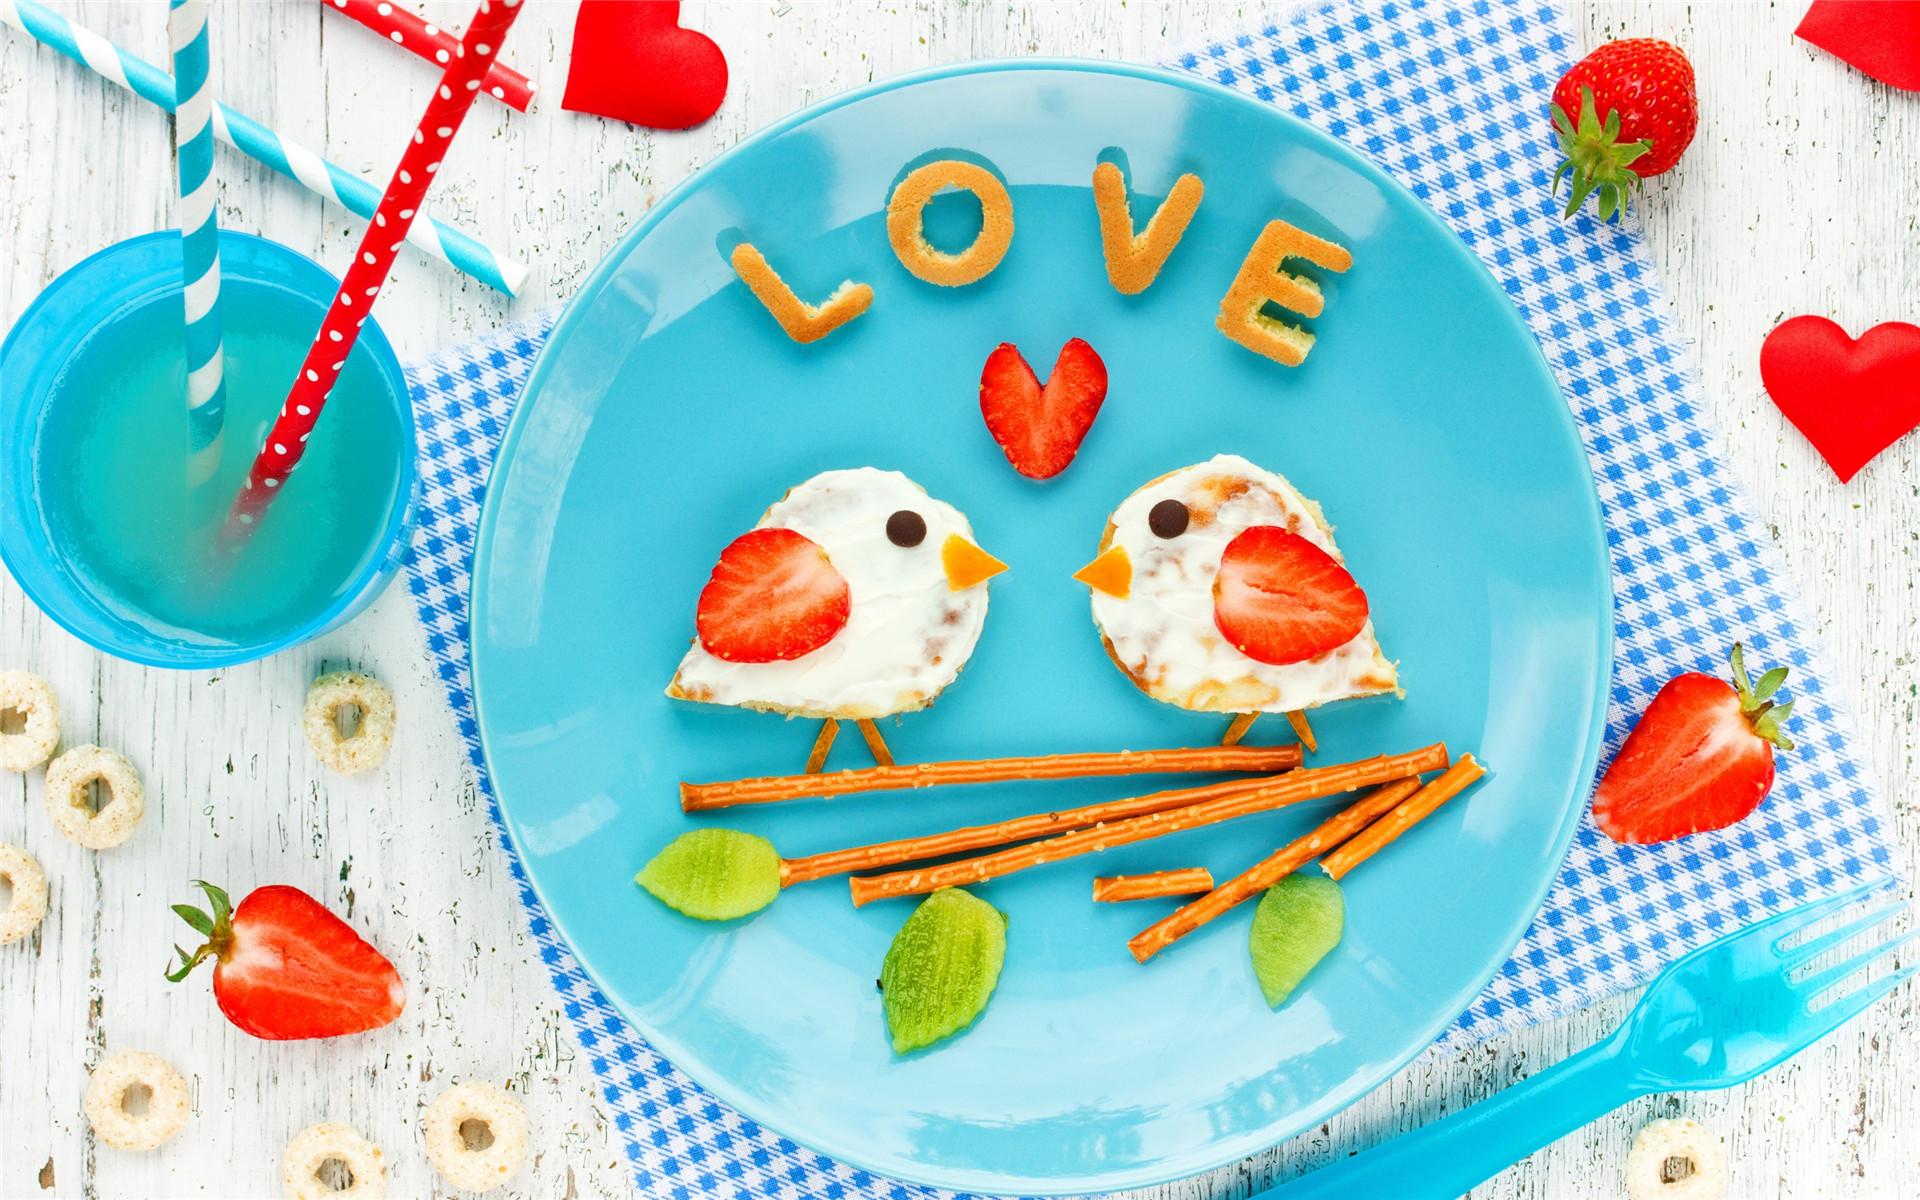 浪漫情人节美味早餐高清win7电脑桌面壁纸